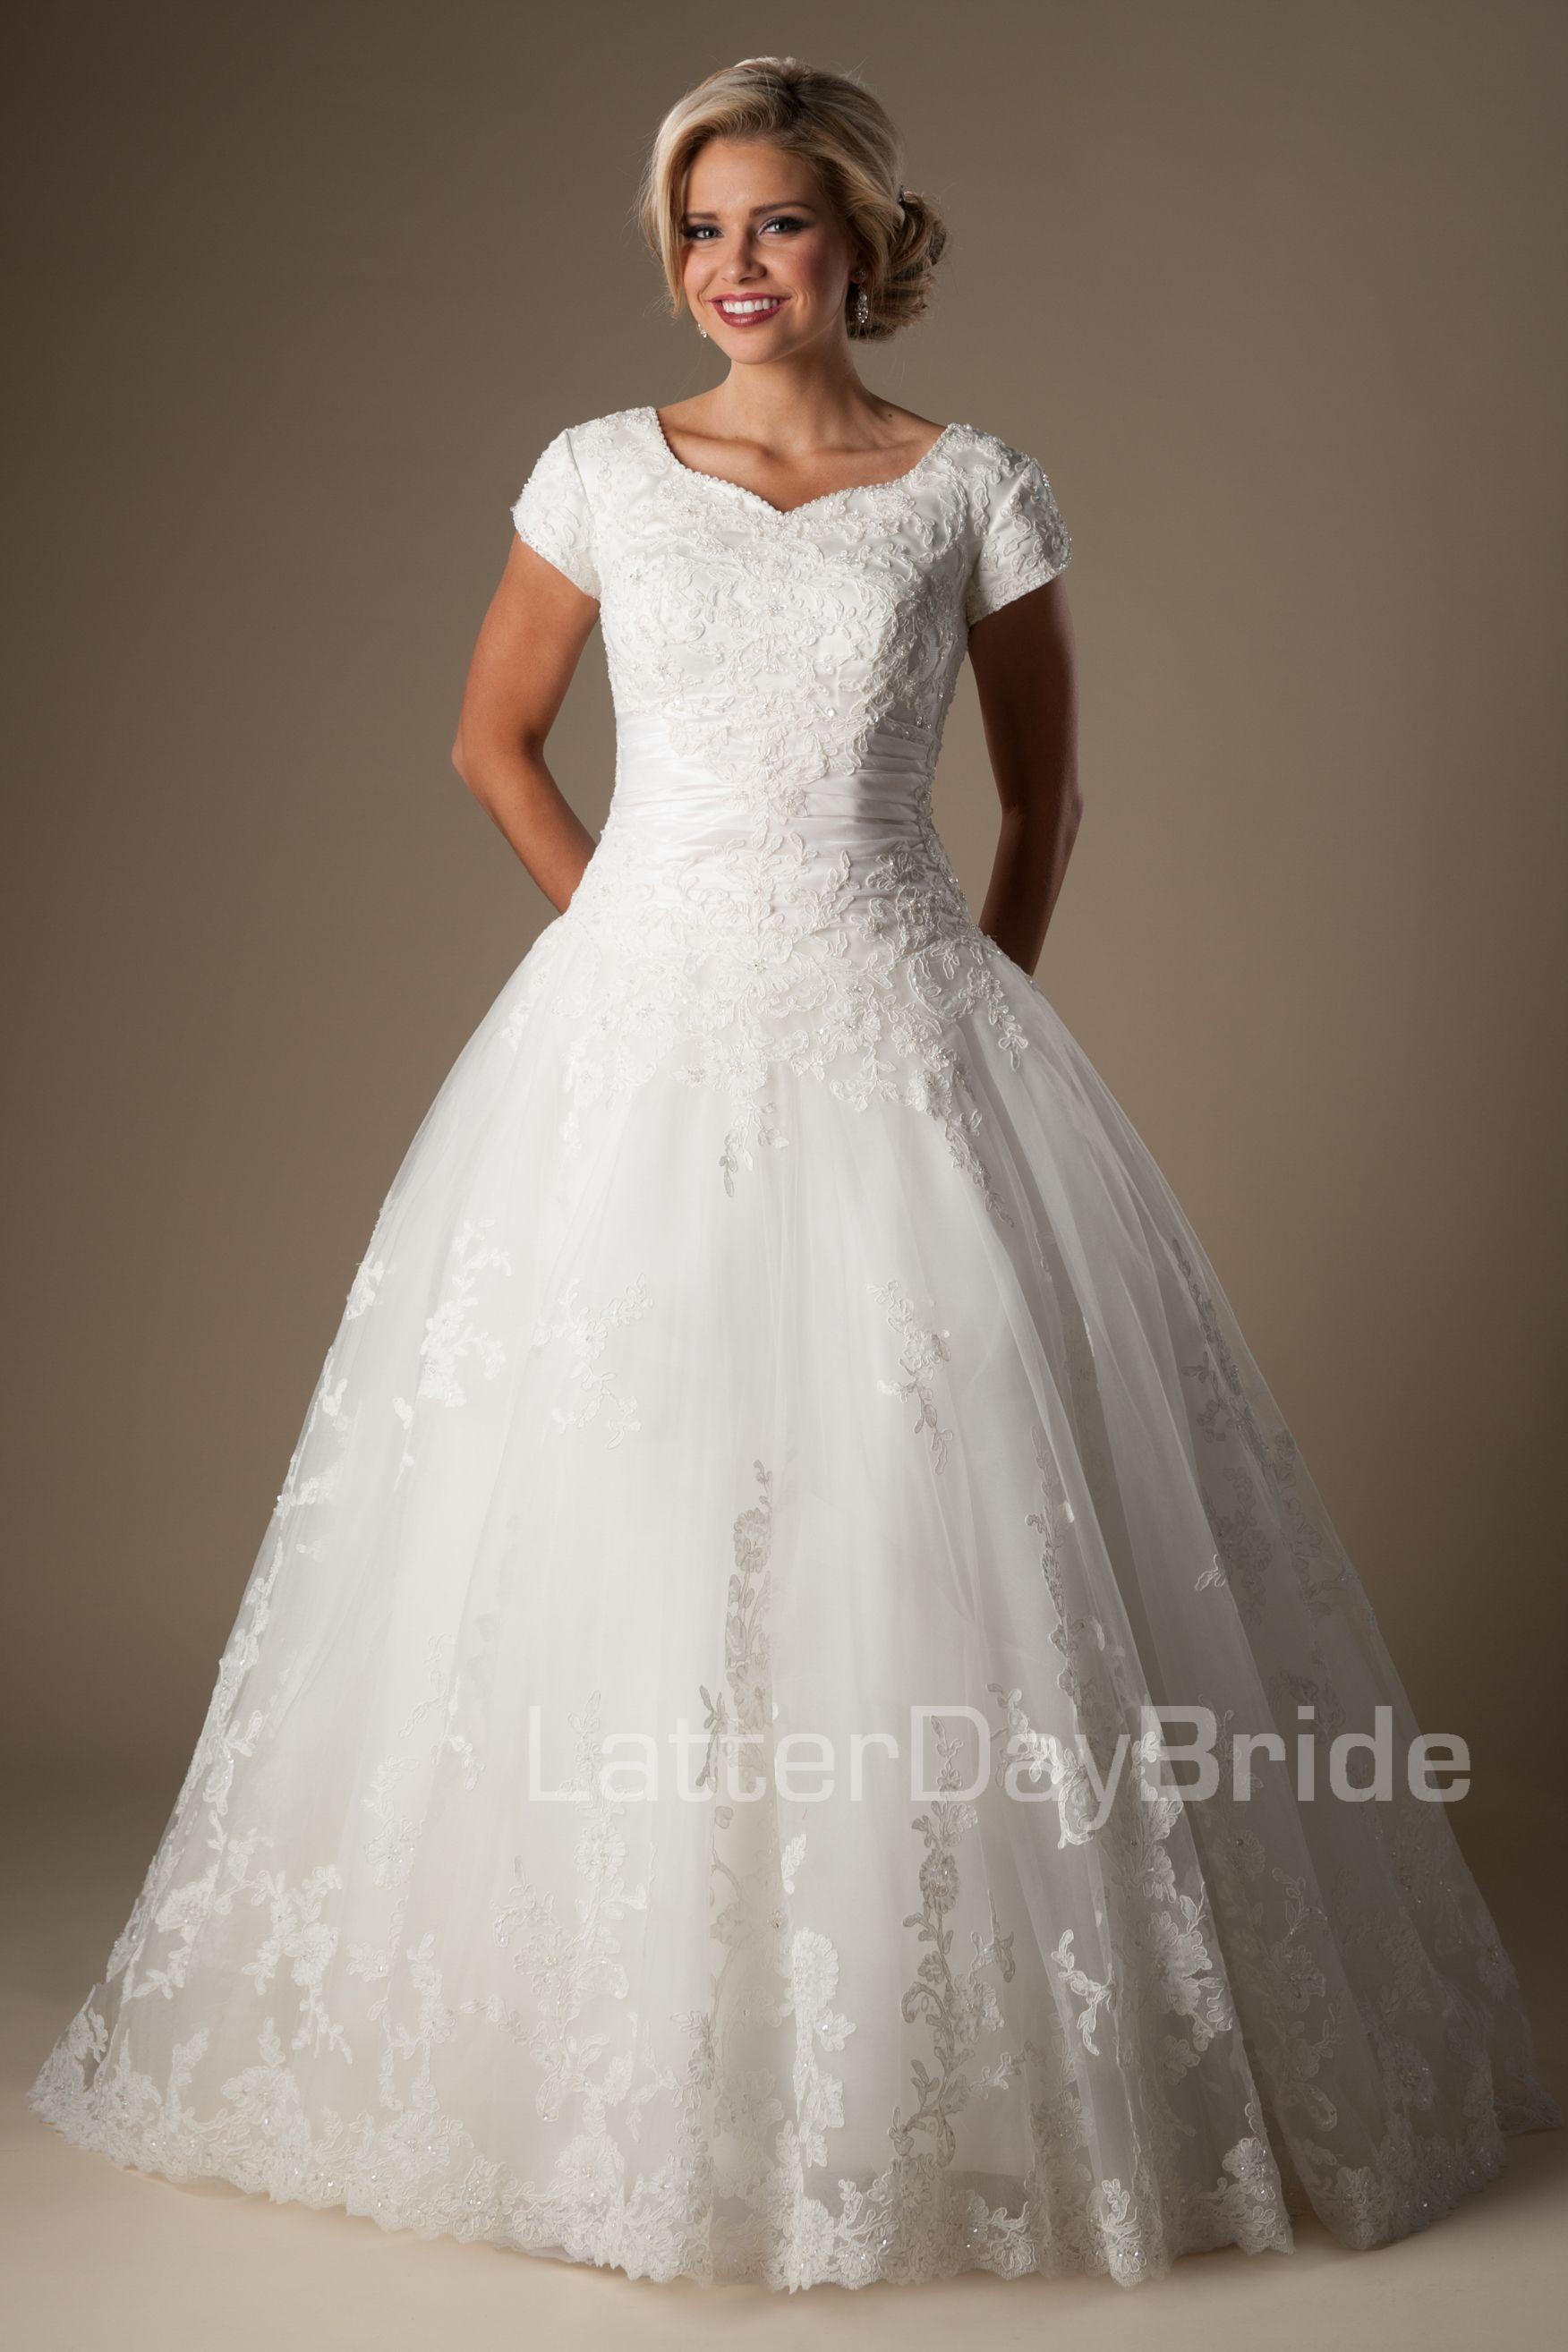 Augustina | Lds bride | Pinterest | Vestidos de novia, De novia y Novios